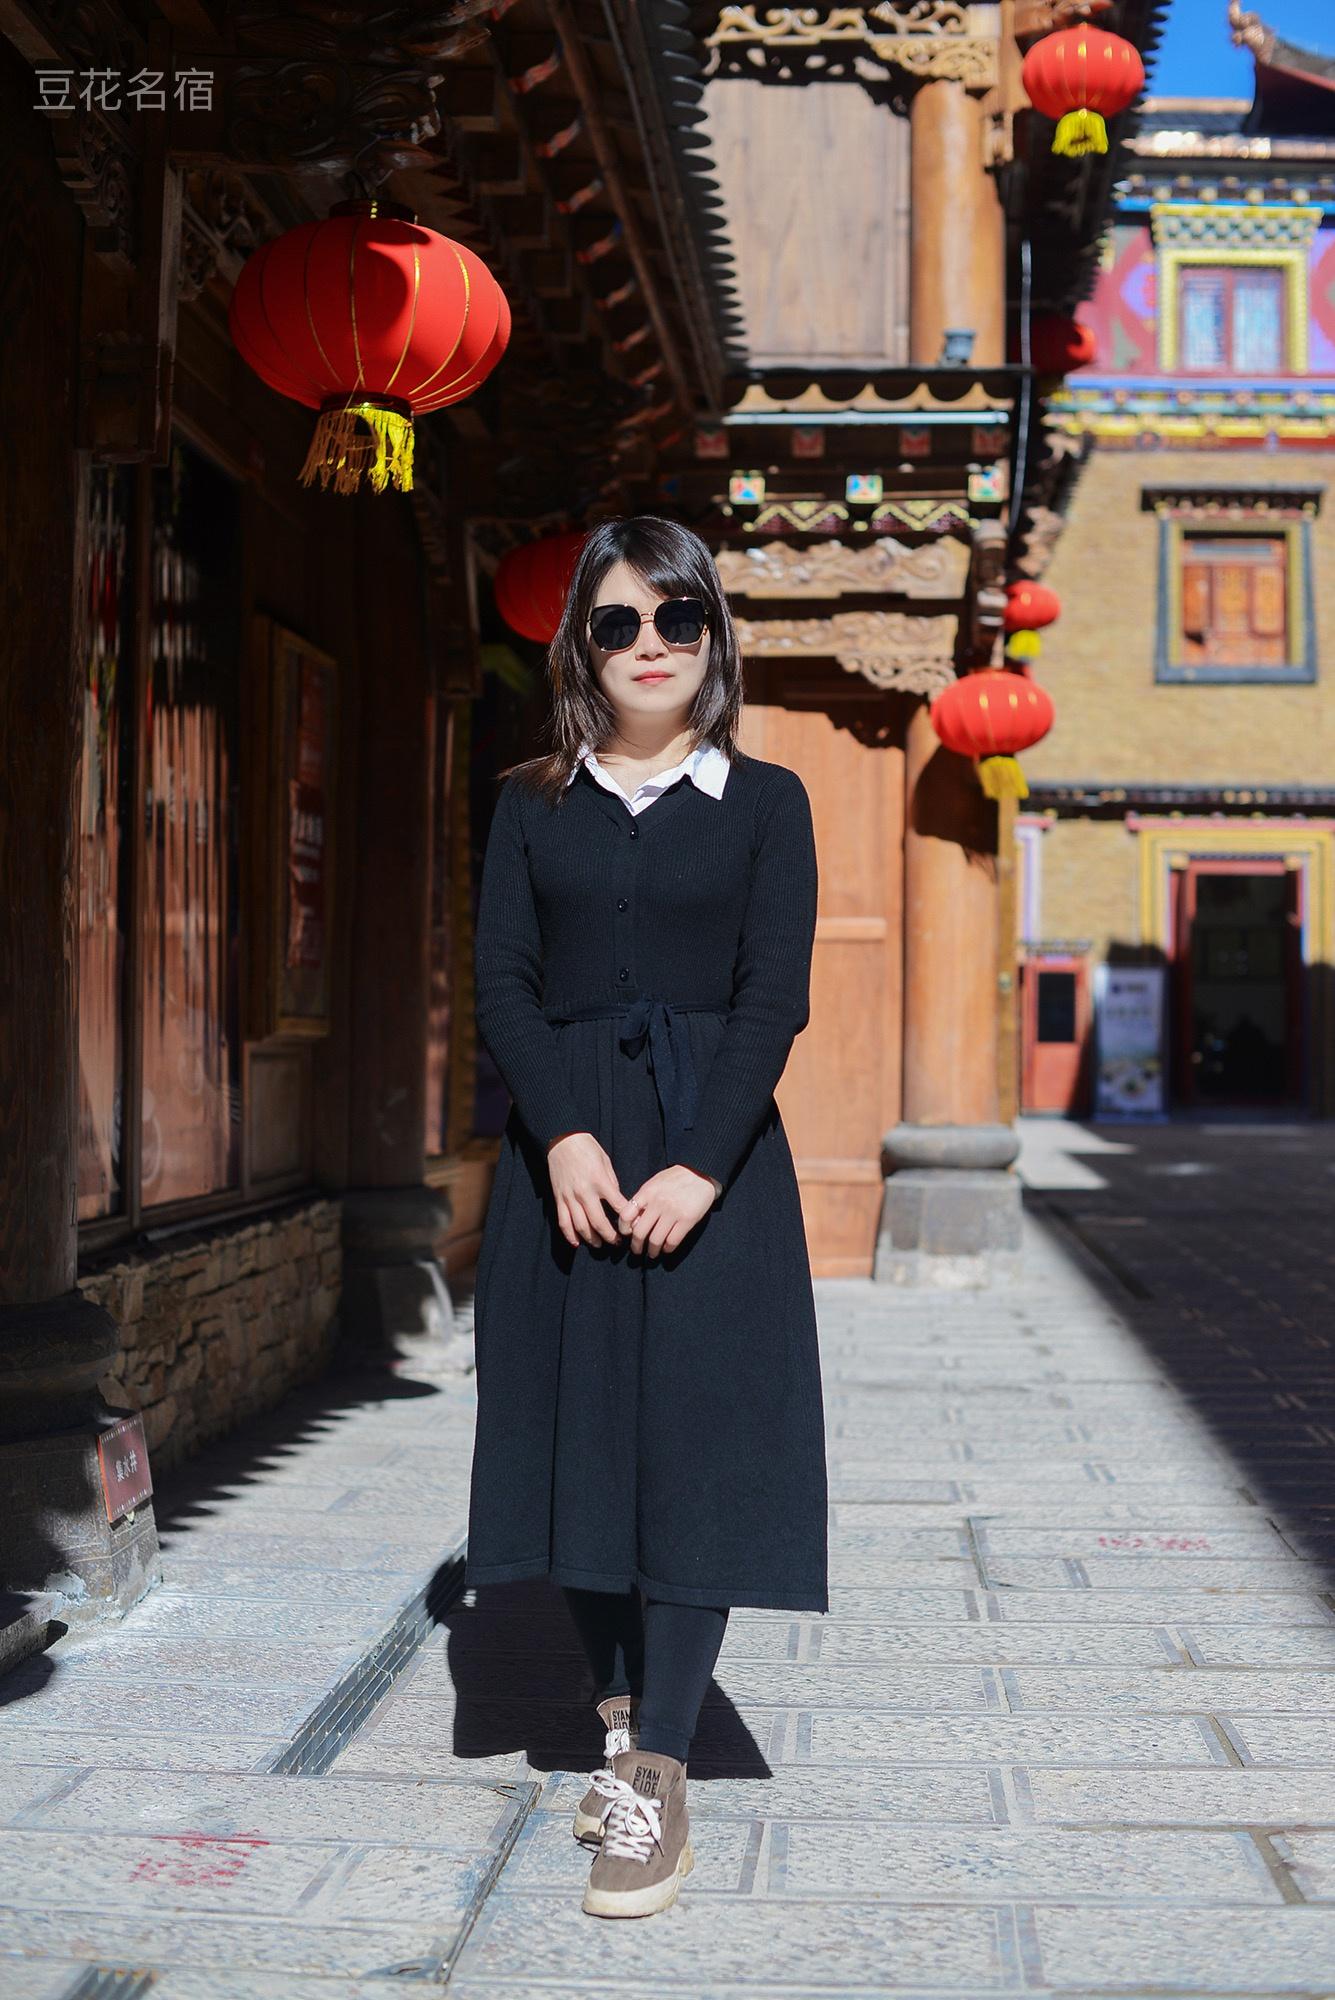 来云南旅游不愁没人给你拍照!加入豆花名宿的香格里拉旅拍团